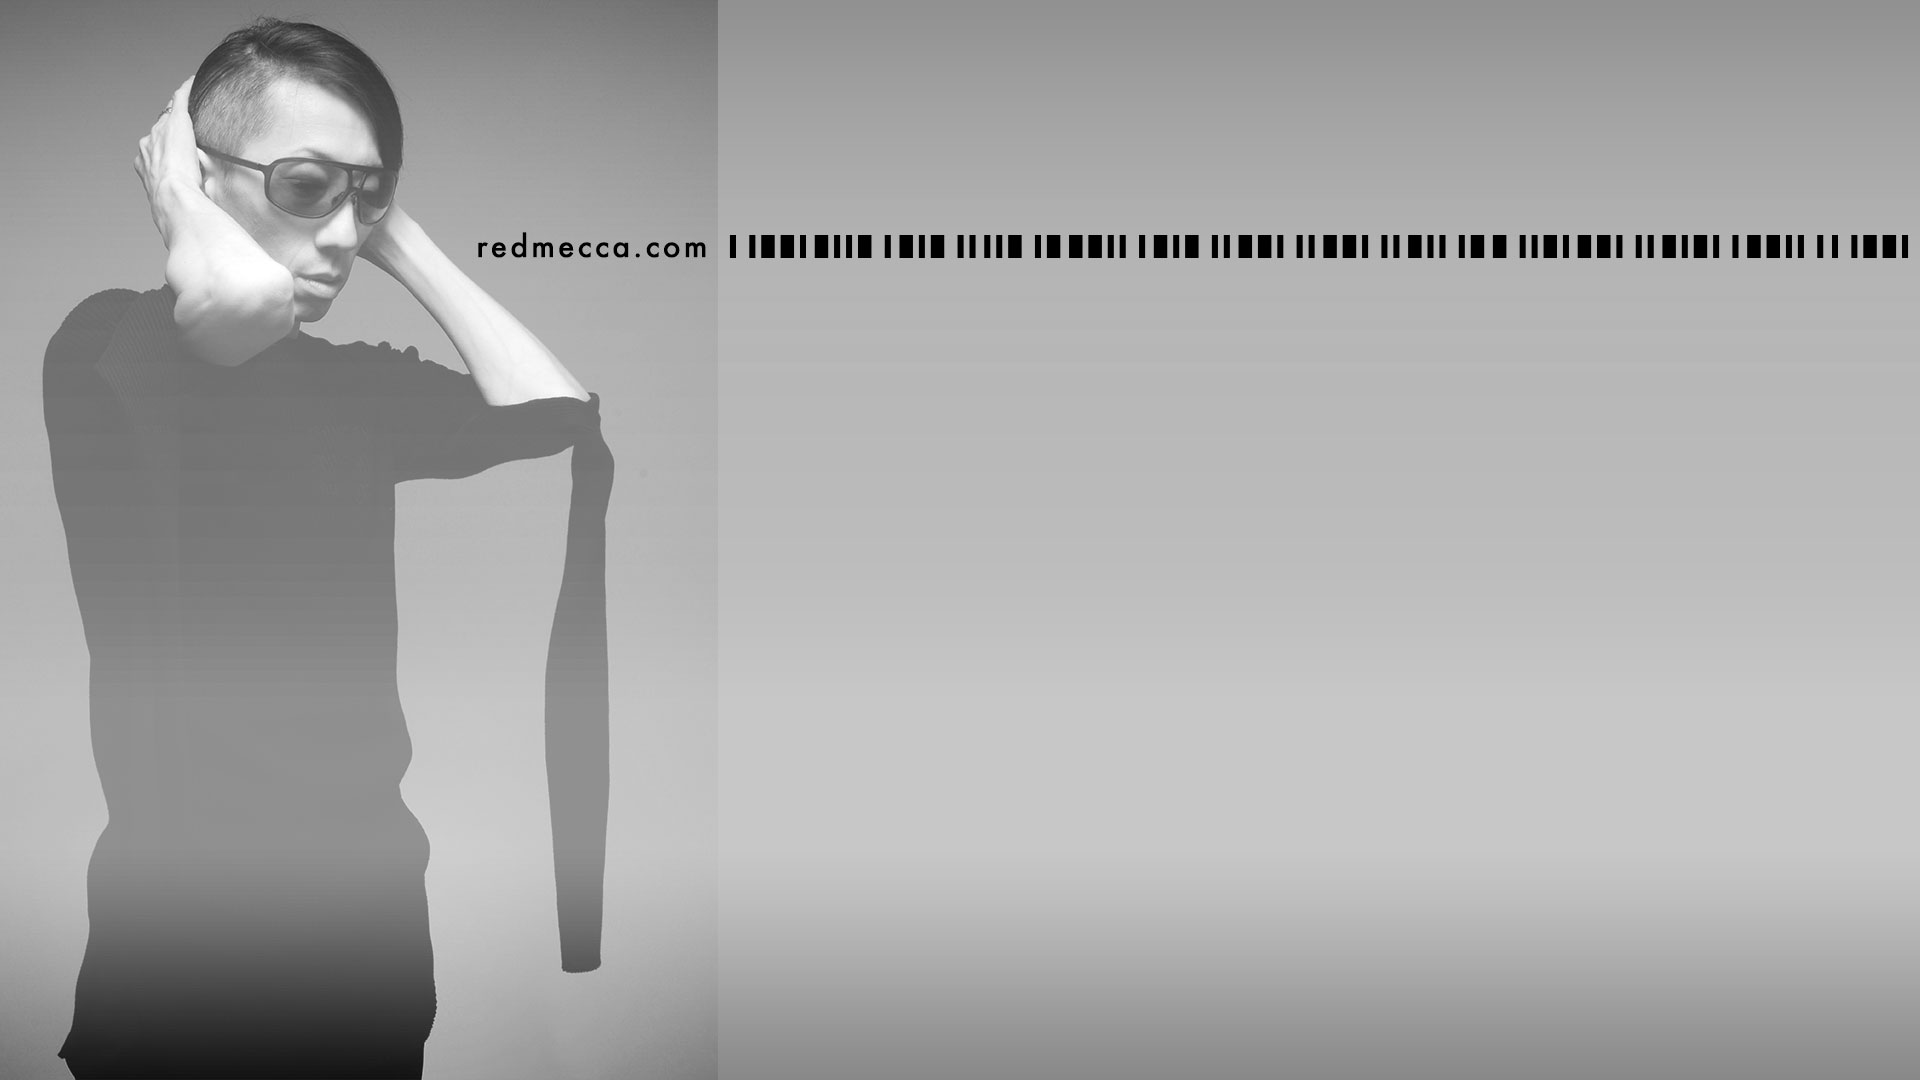 redmecca.com